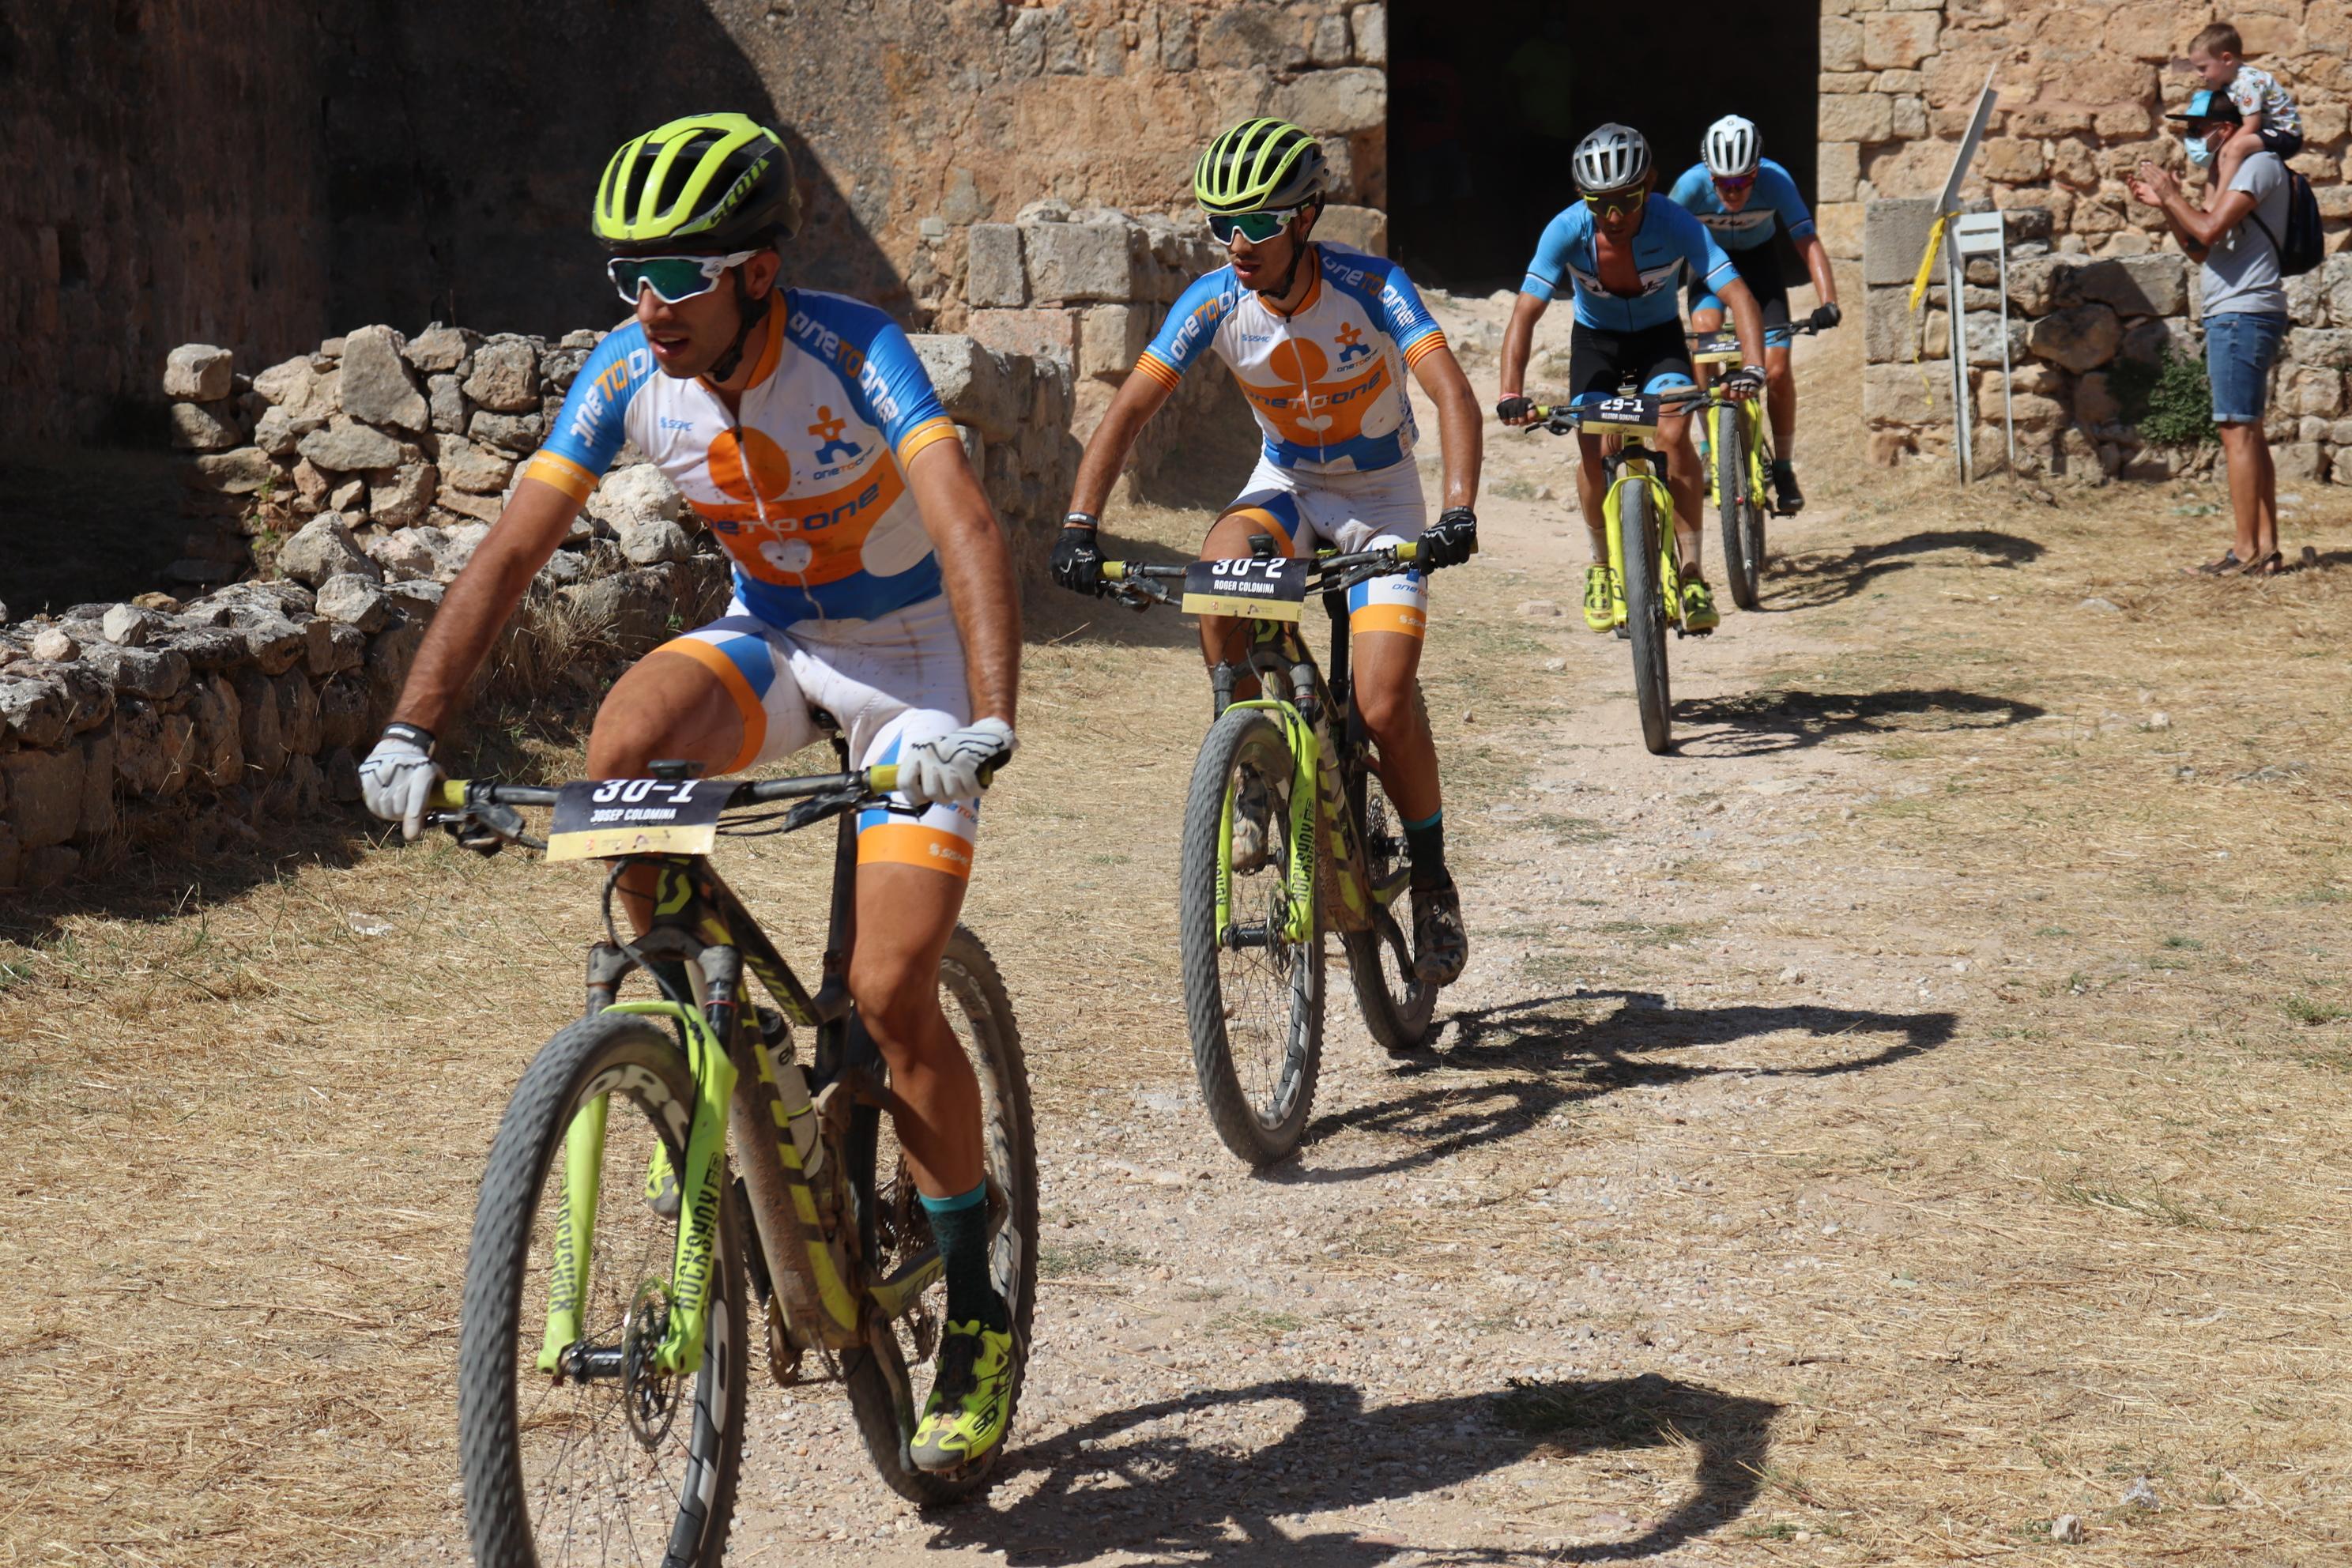 Publicadas las clasificaciones de la Etapa 1 de Colina Triste UCI 2020